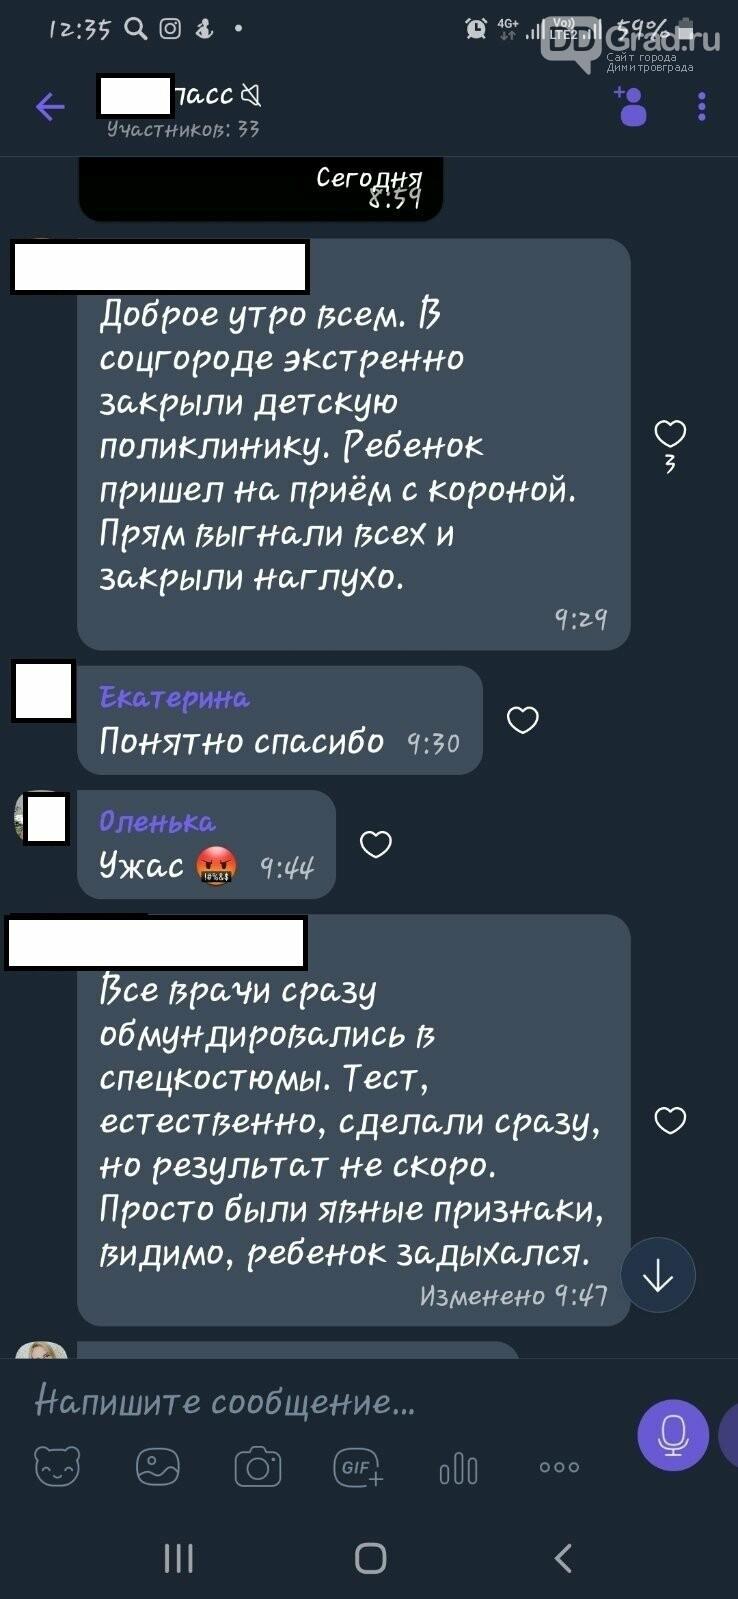 Димитровградские мамочки паникуют из-за информации о детской поликлинике, фото-1